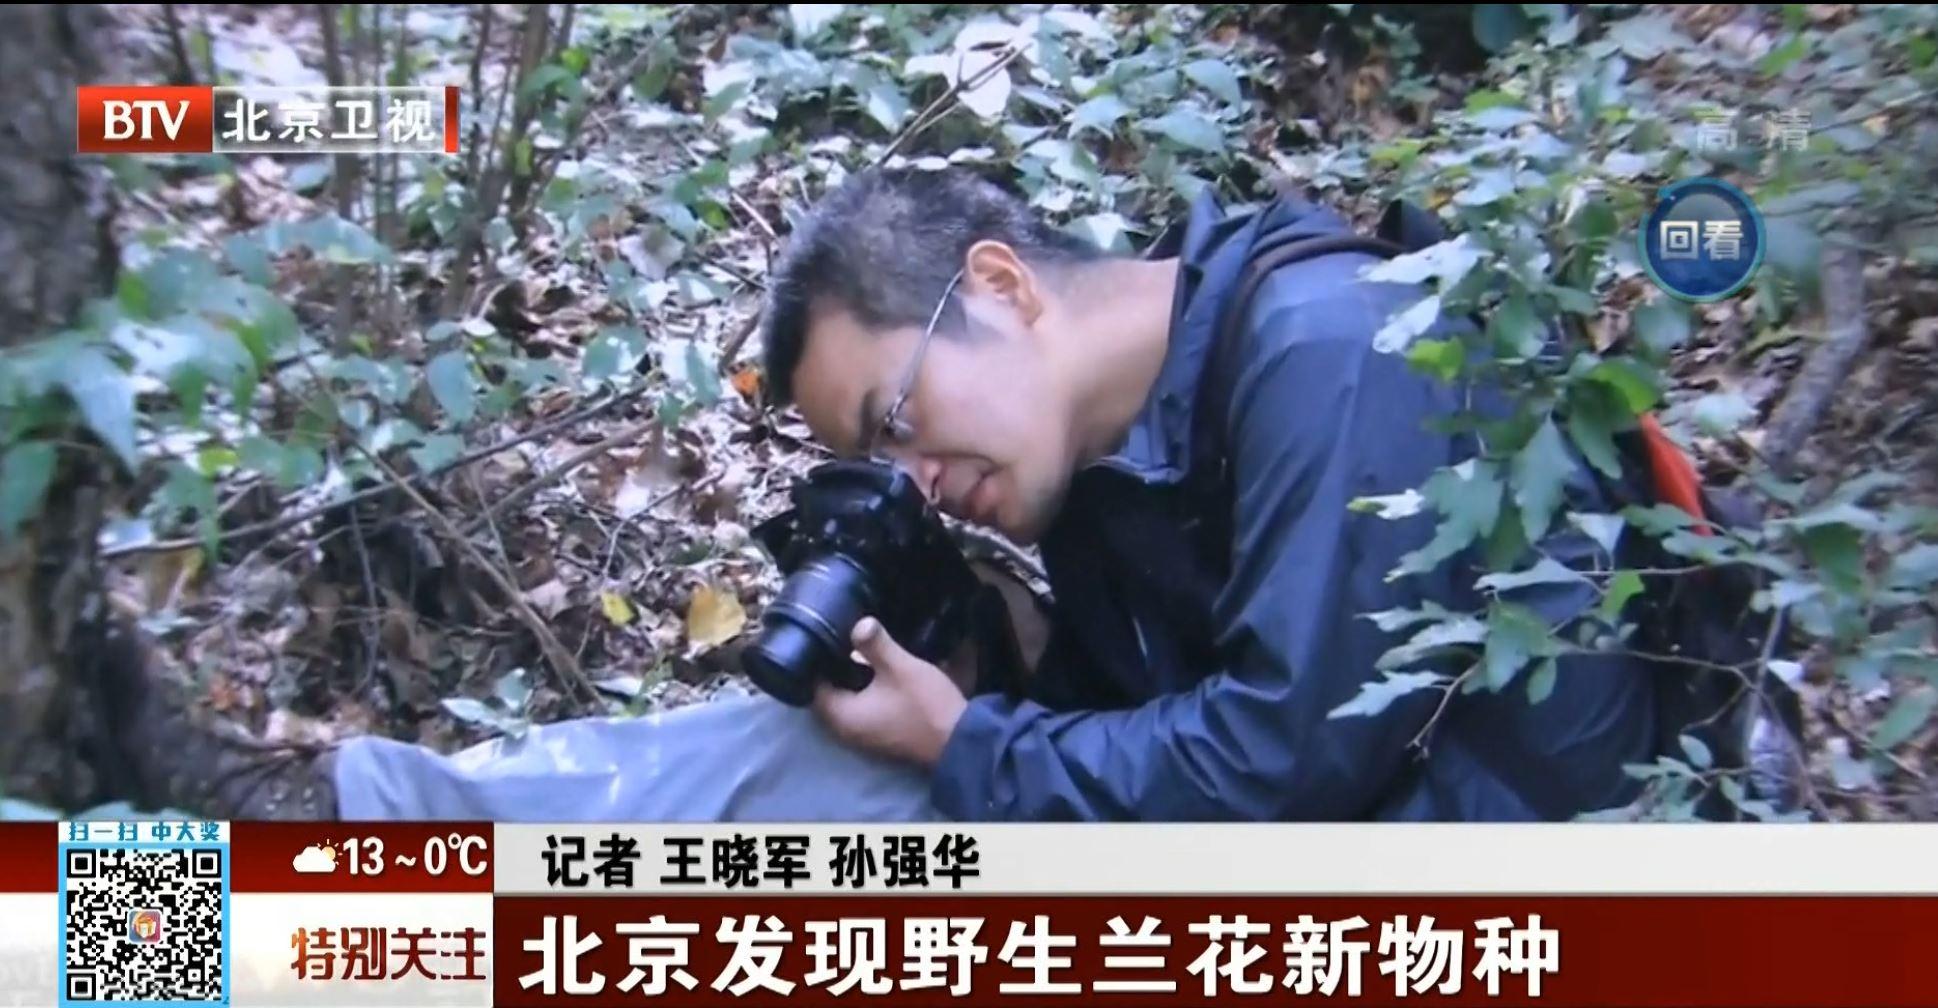 视频新闻345期:北京电视台报到我校沐先远博士 在北京地区发现兰花新物种